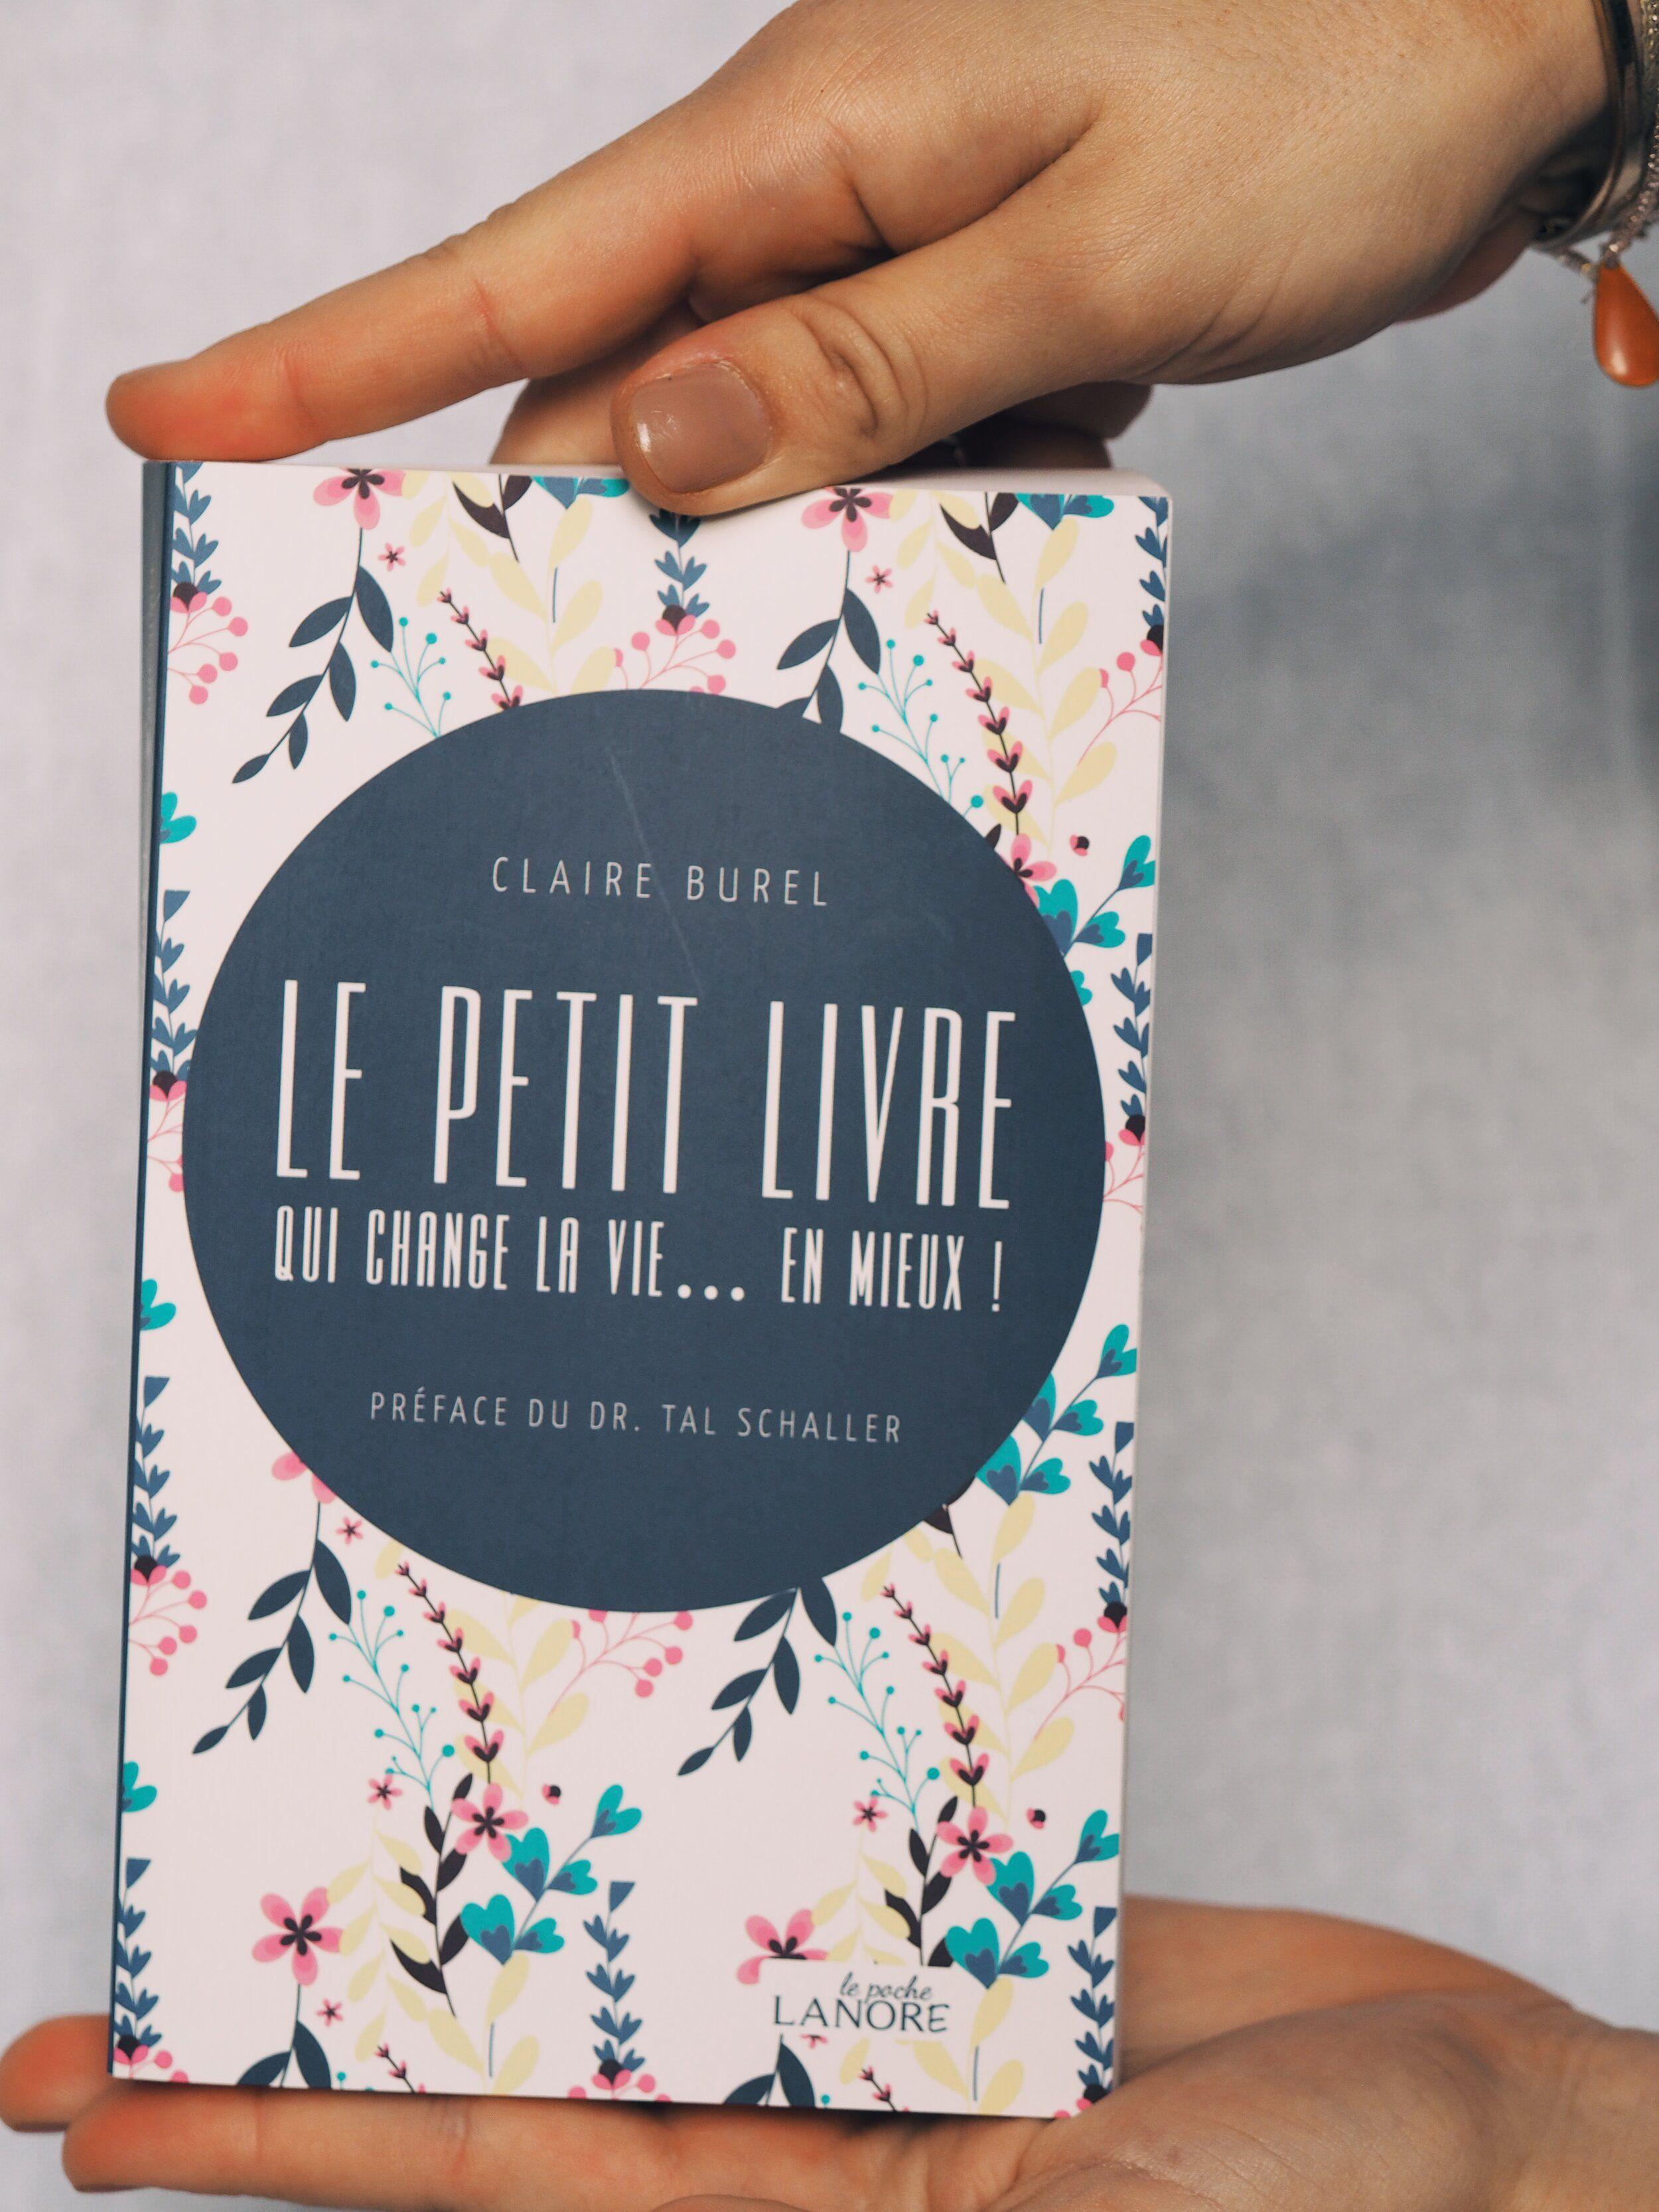 Livre Qui Change La Vie : livre, change, Petit, Livre, Change, Vie..., Mieux